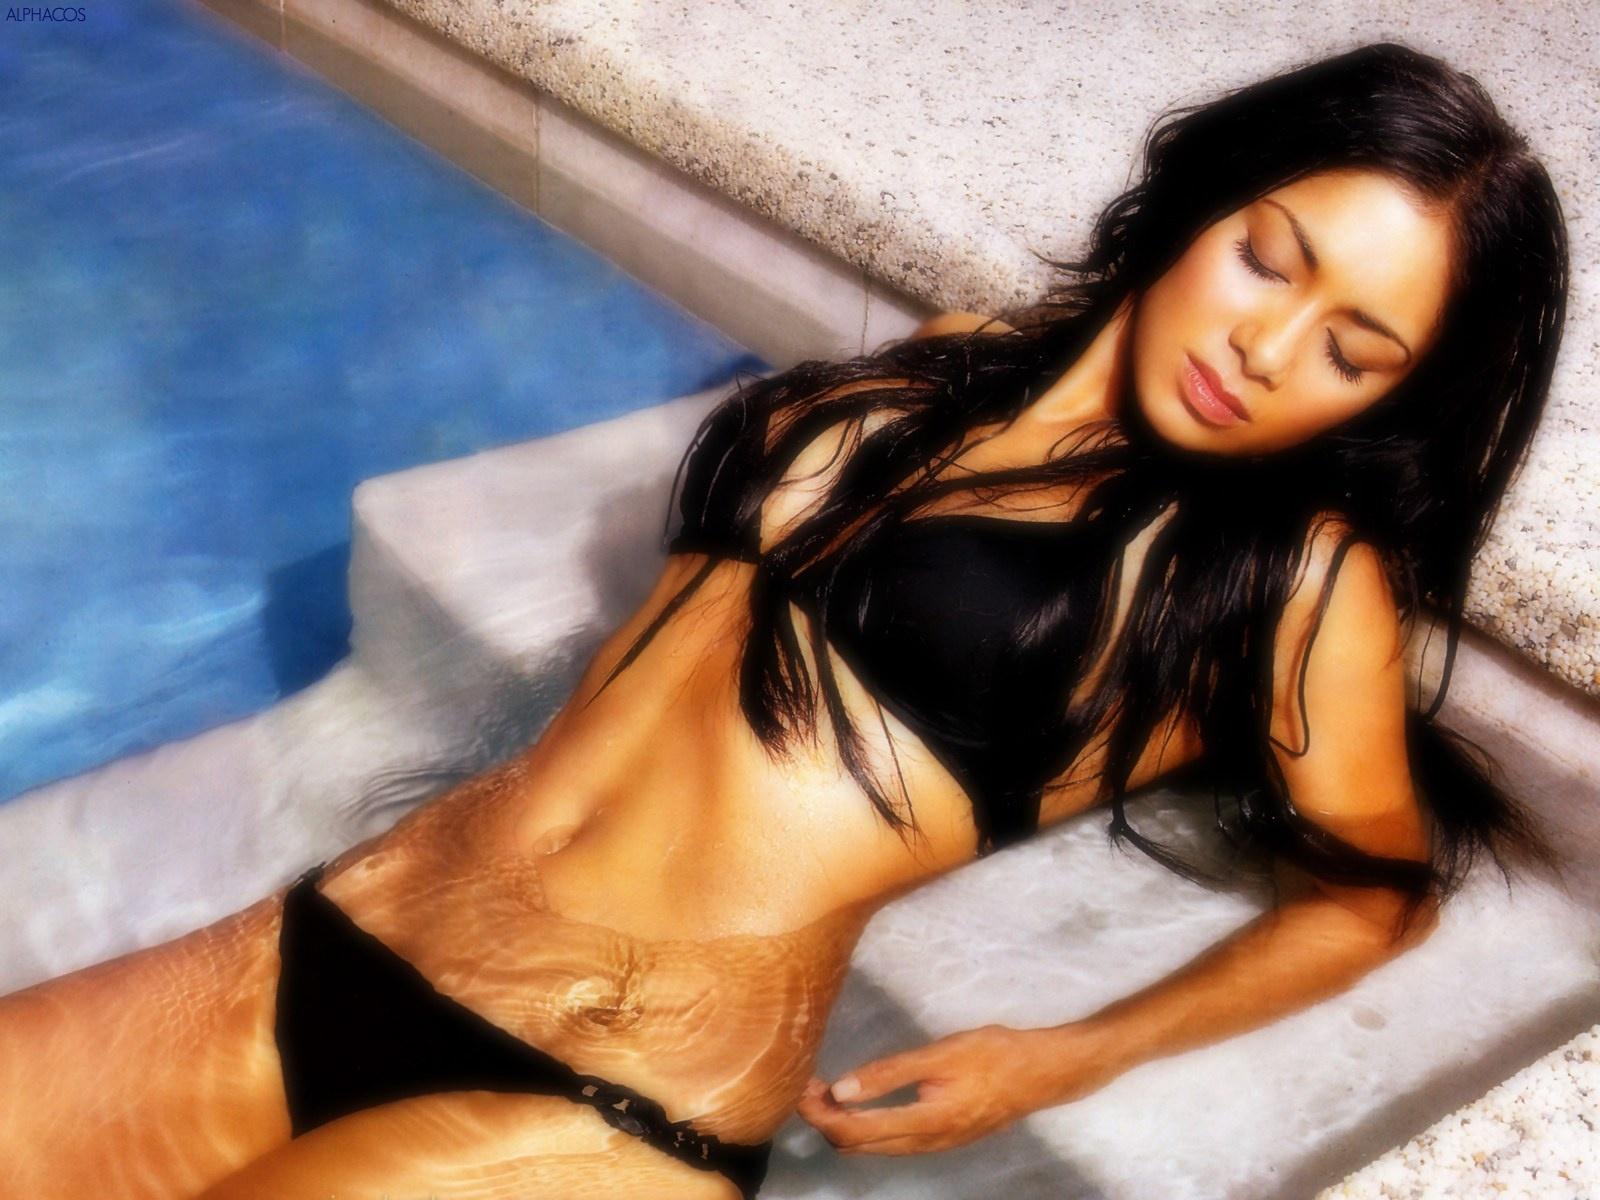 http://1.bp.blogspot.com/-WFLrS0NbvS4/Tvivb1J0toI/AAAAAAAACpk/zTkvUOVZZvU/s1600/Nicole-032-Scherzinger-032-Sexy-1600x1200.jpg